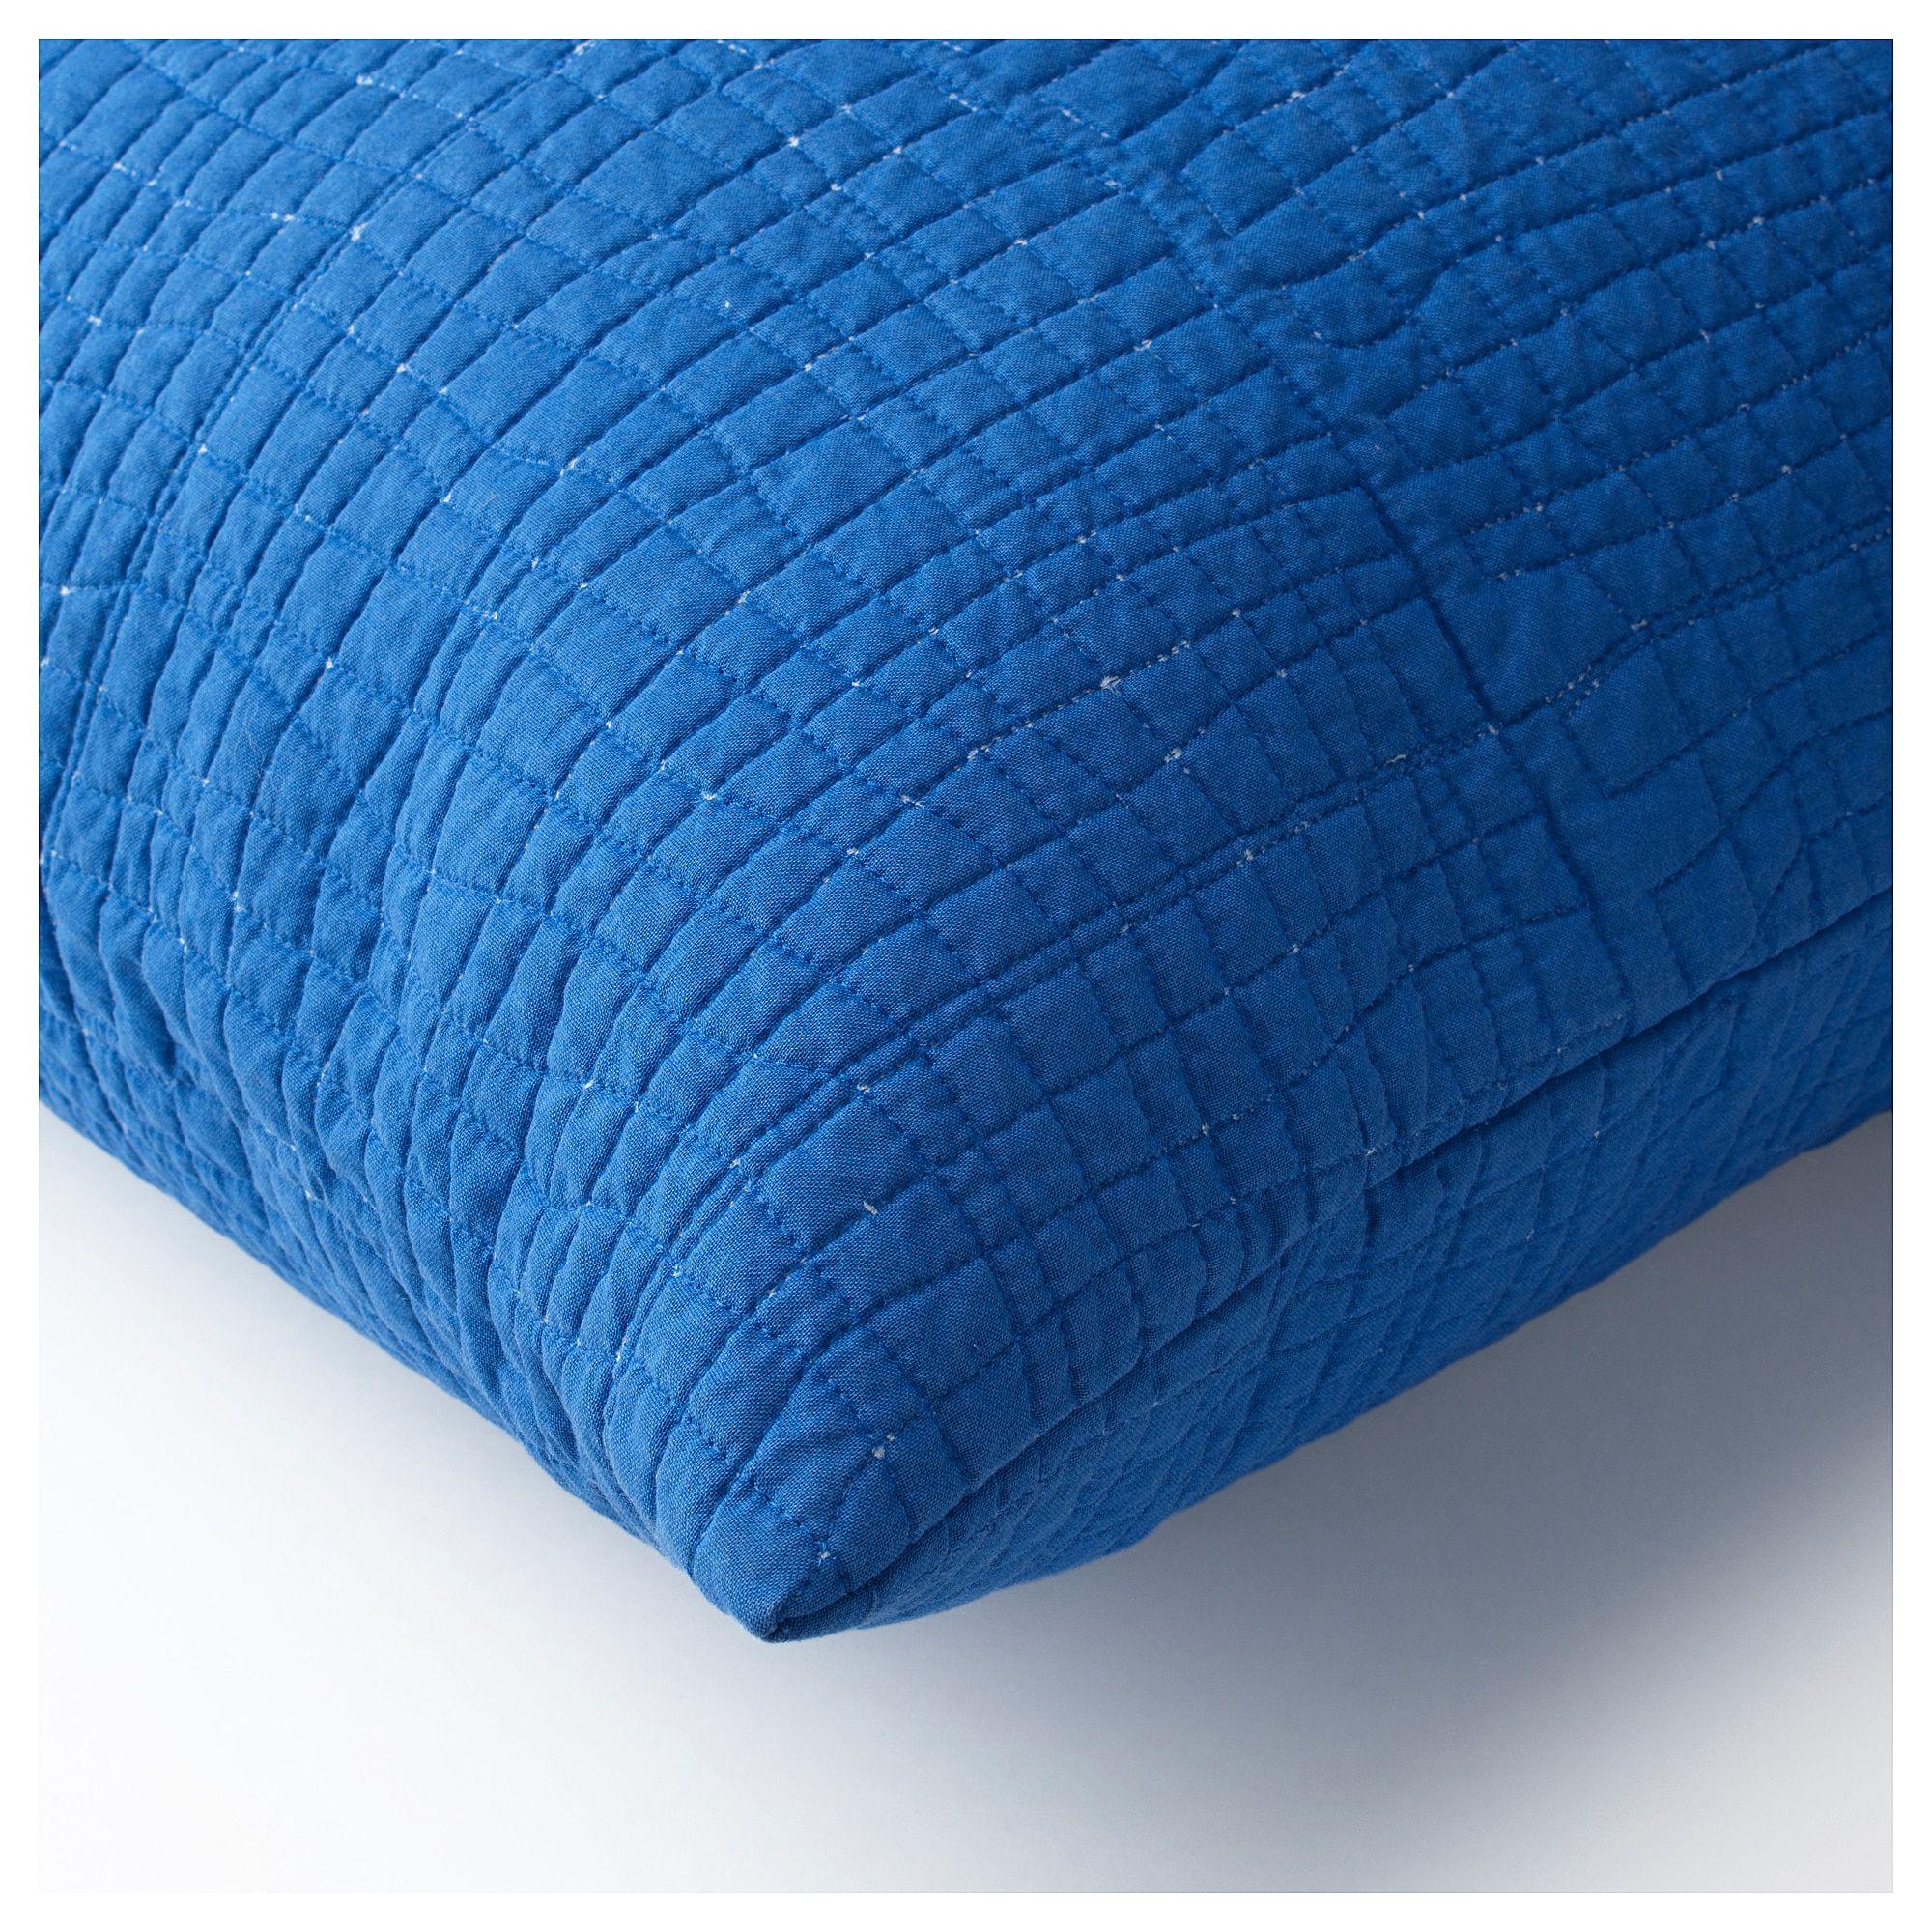 Kissenbezug Tankvard Blau Products In 2019 Kissenbezuge